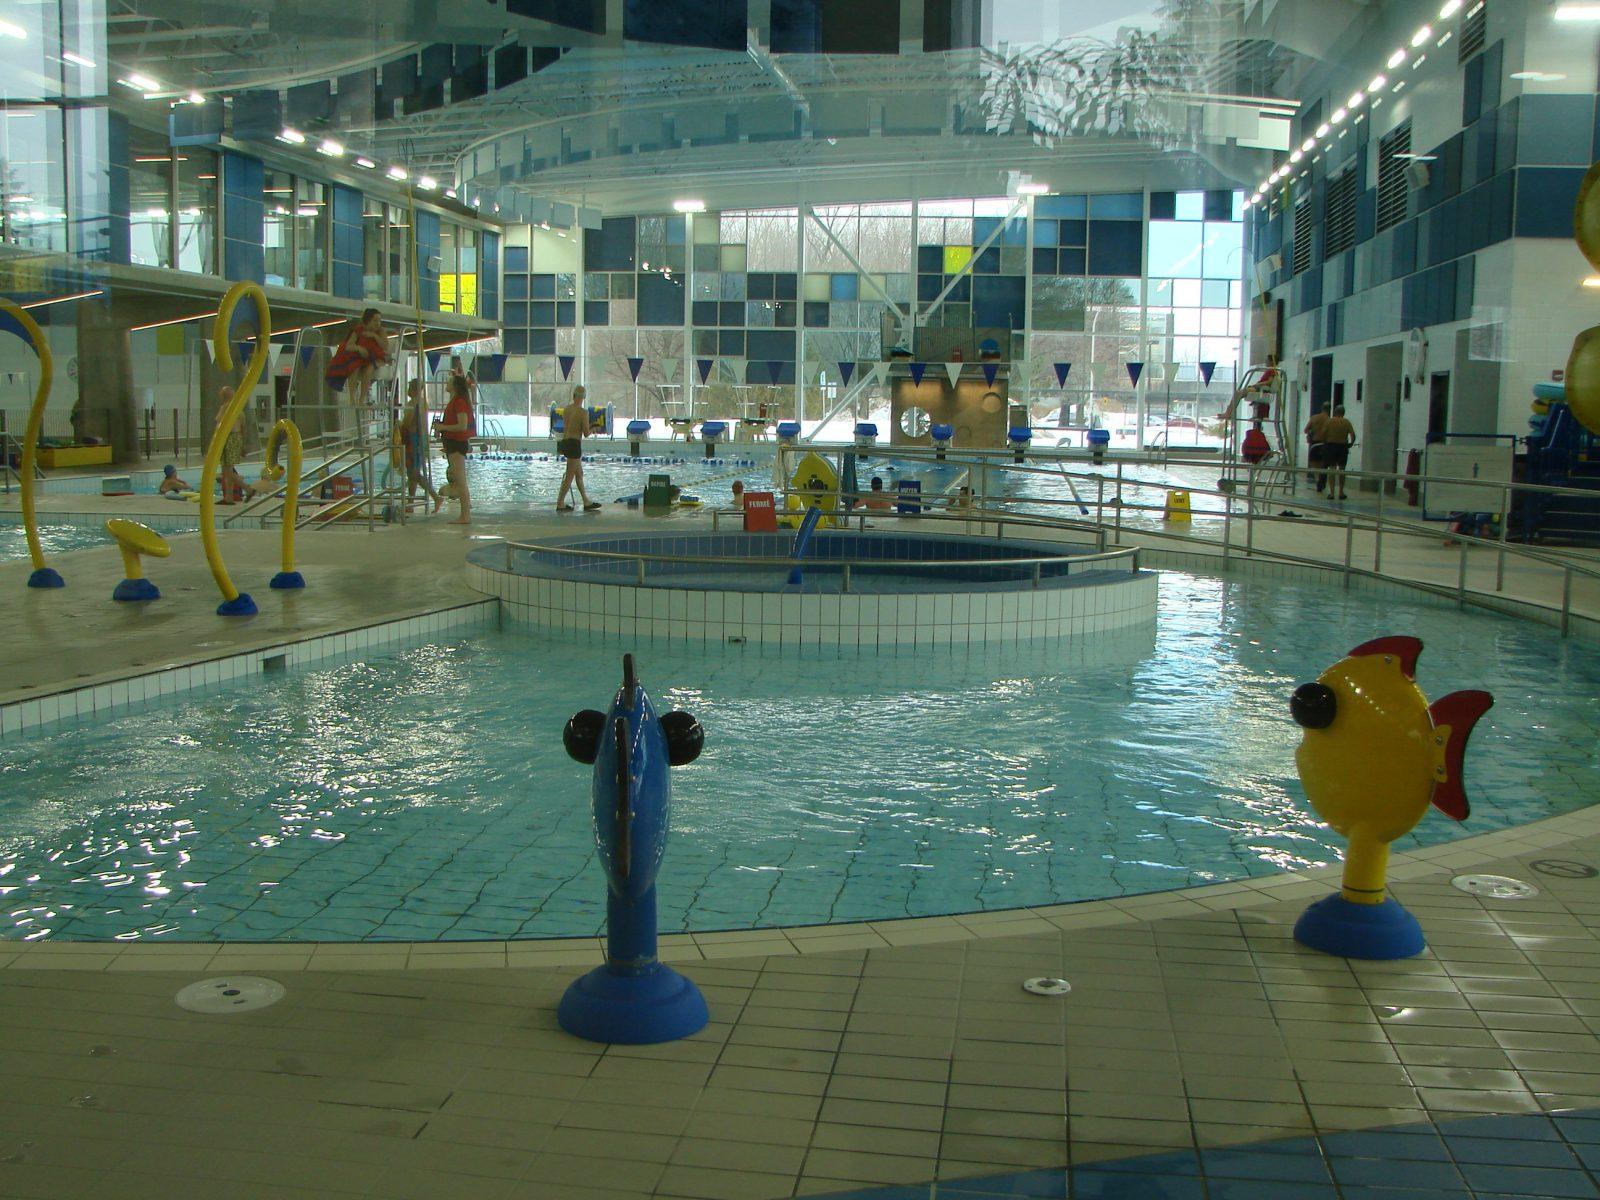 Le centre aquatique a débordé de baigneurs durant la relâche scolaire